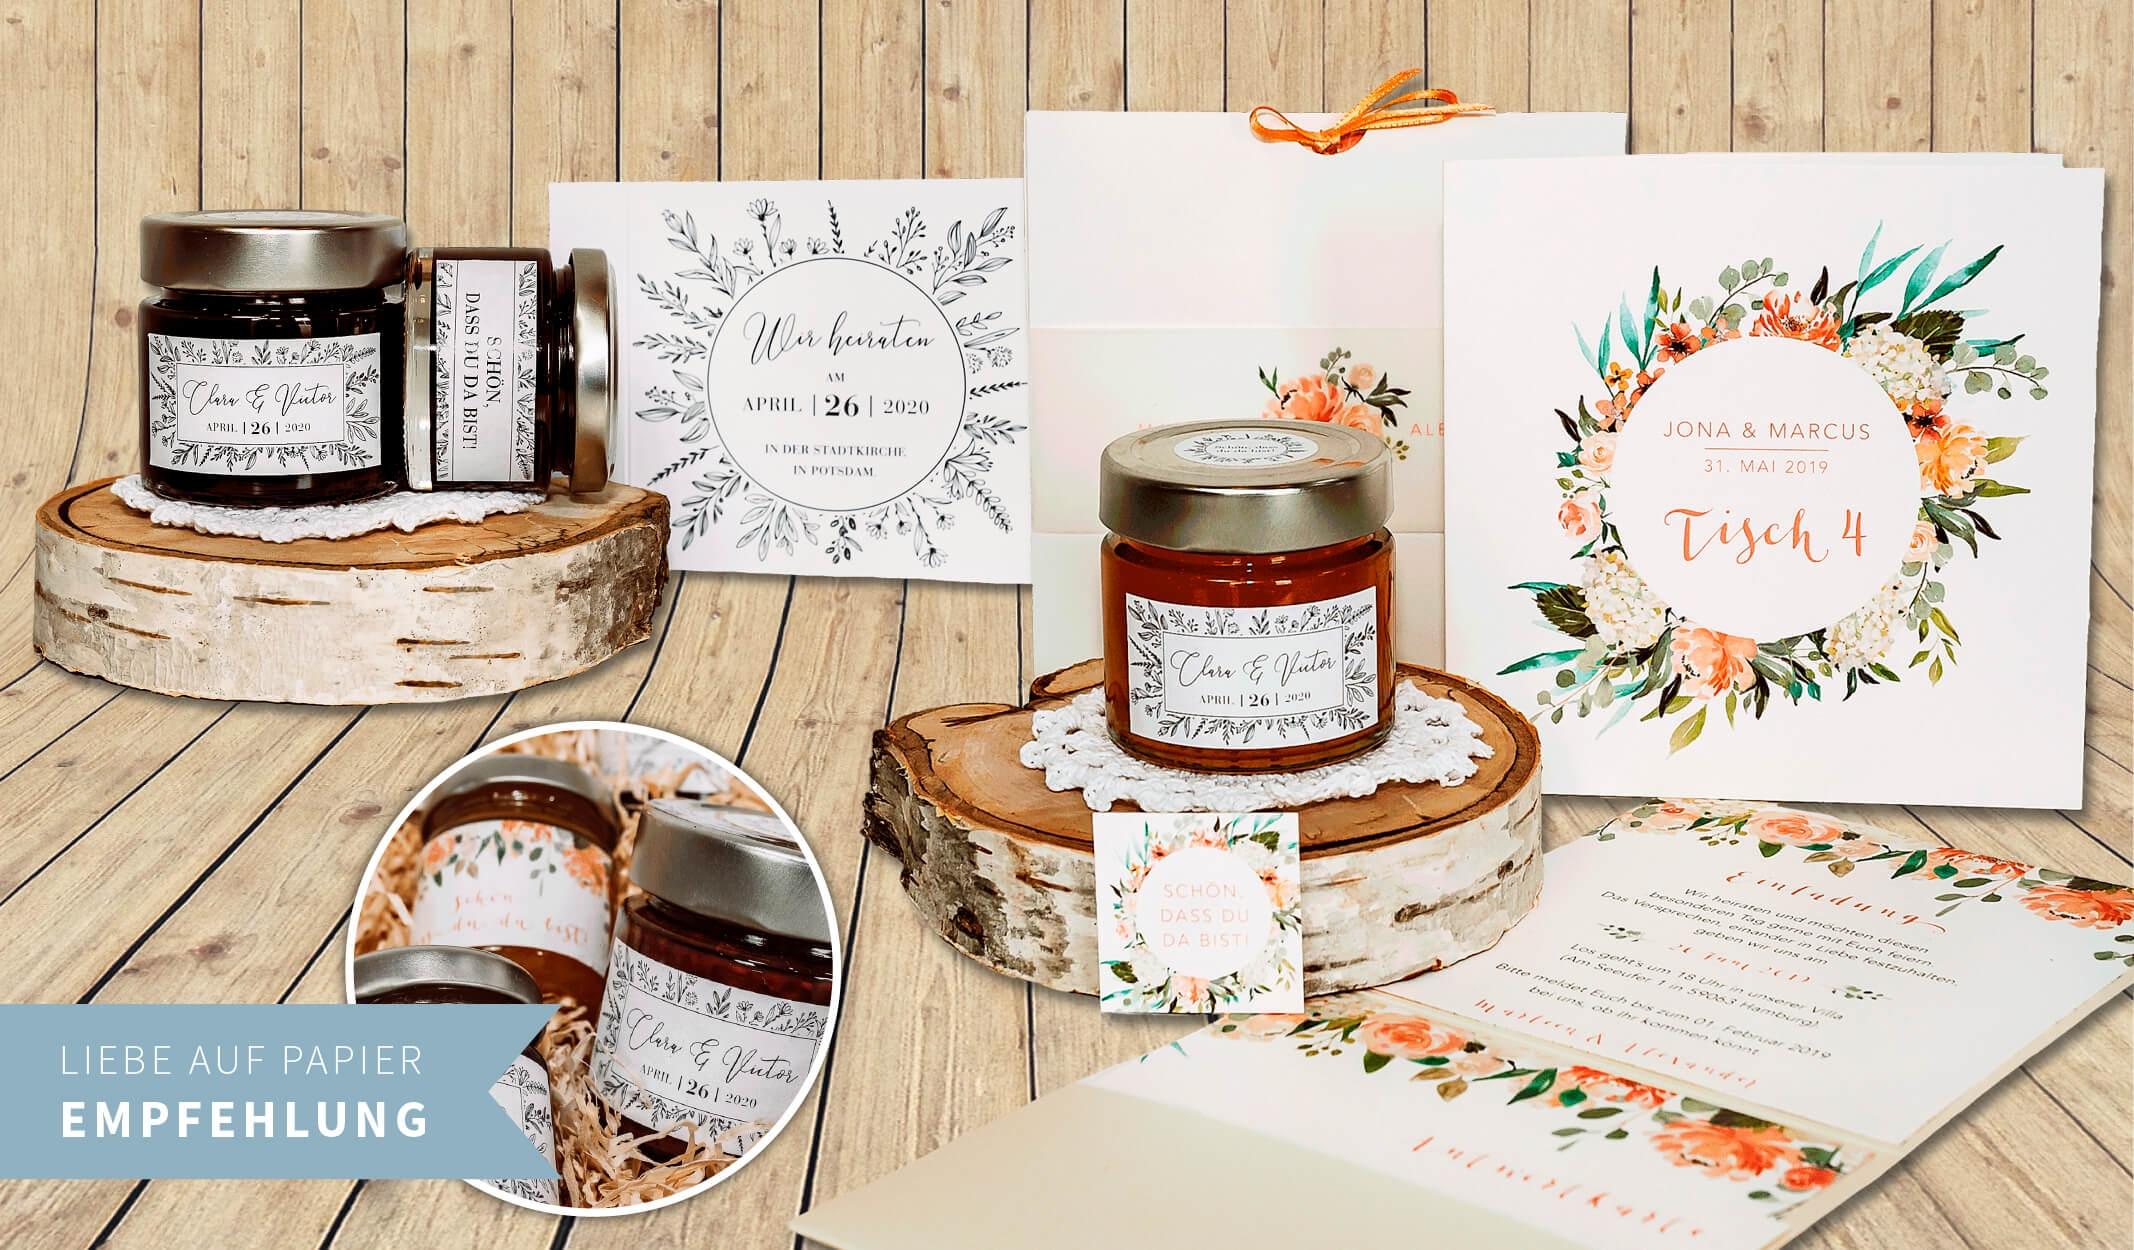 Gastgeschenke – Marmeladengläschen